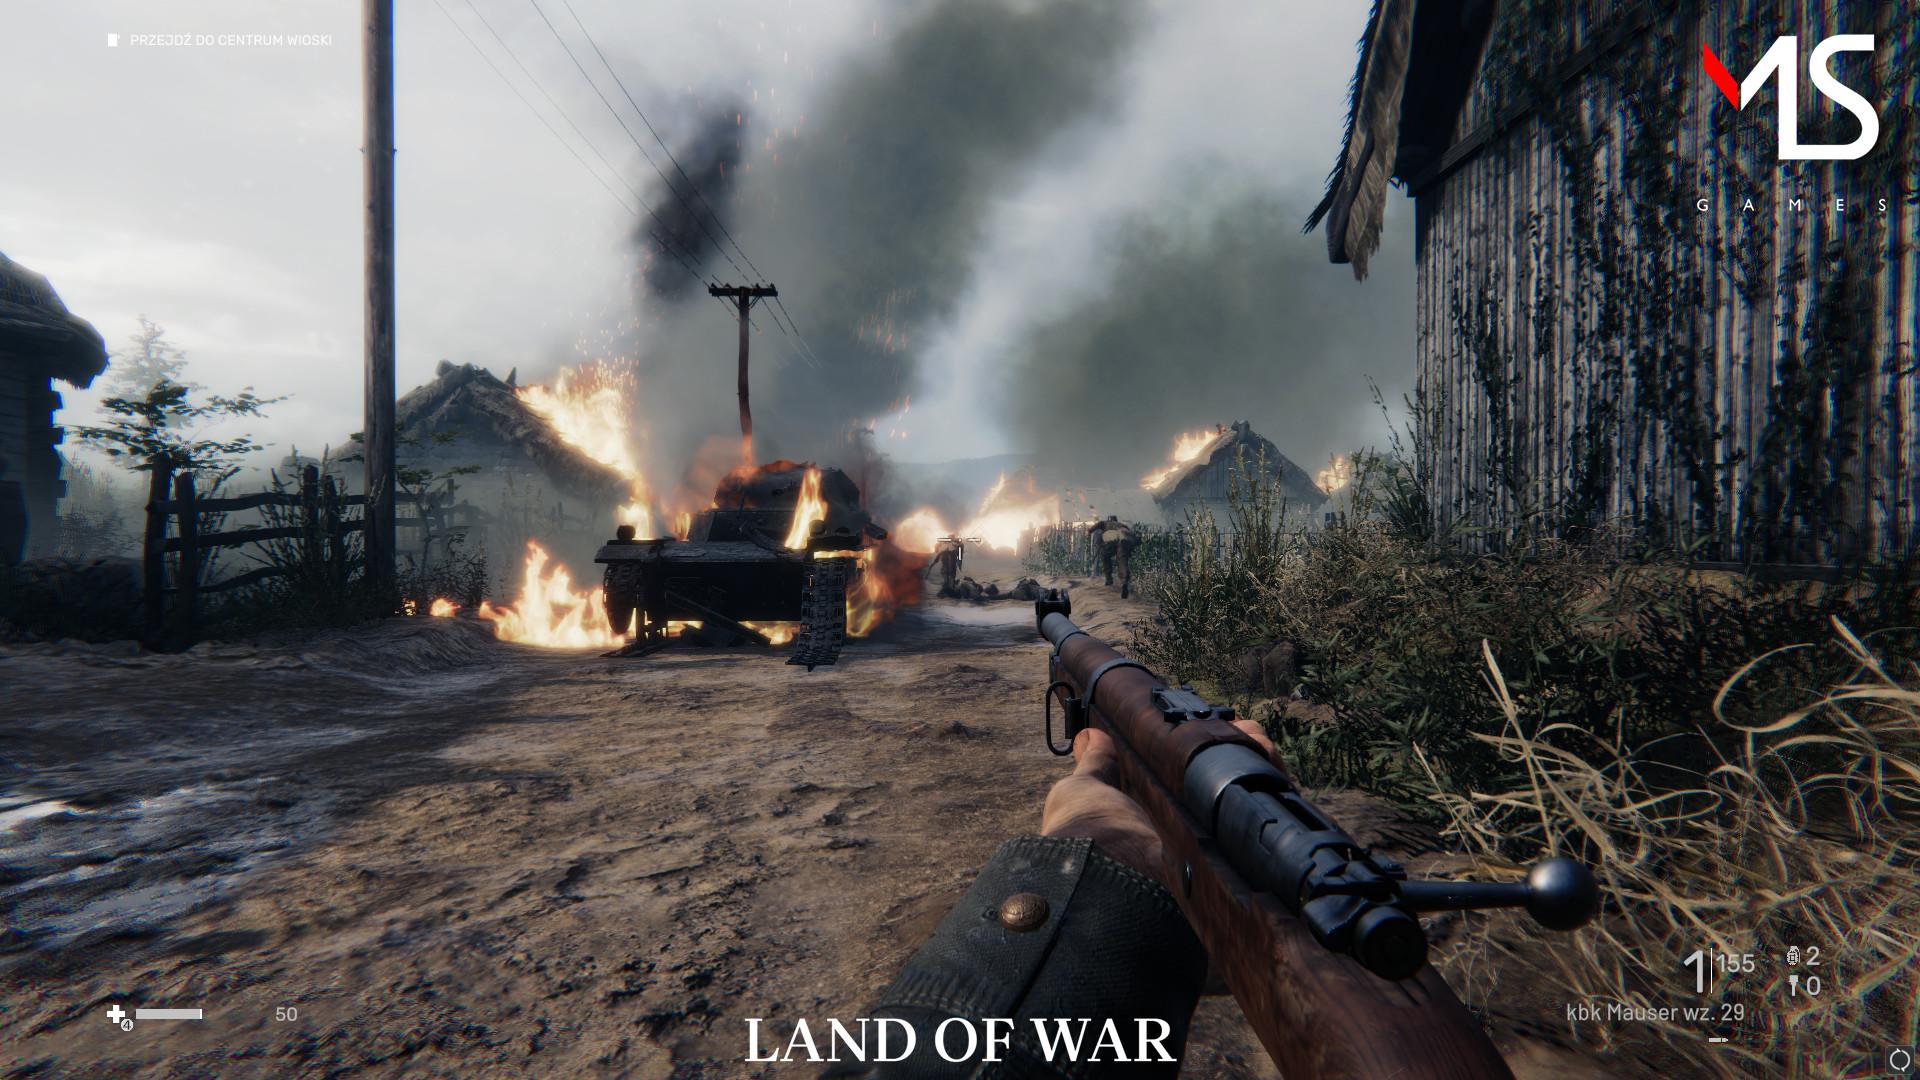 land-of-war-the-beginning-pc-screenshot-1